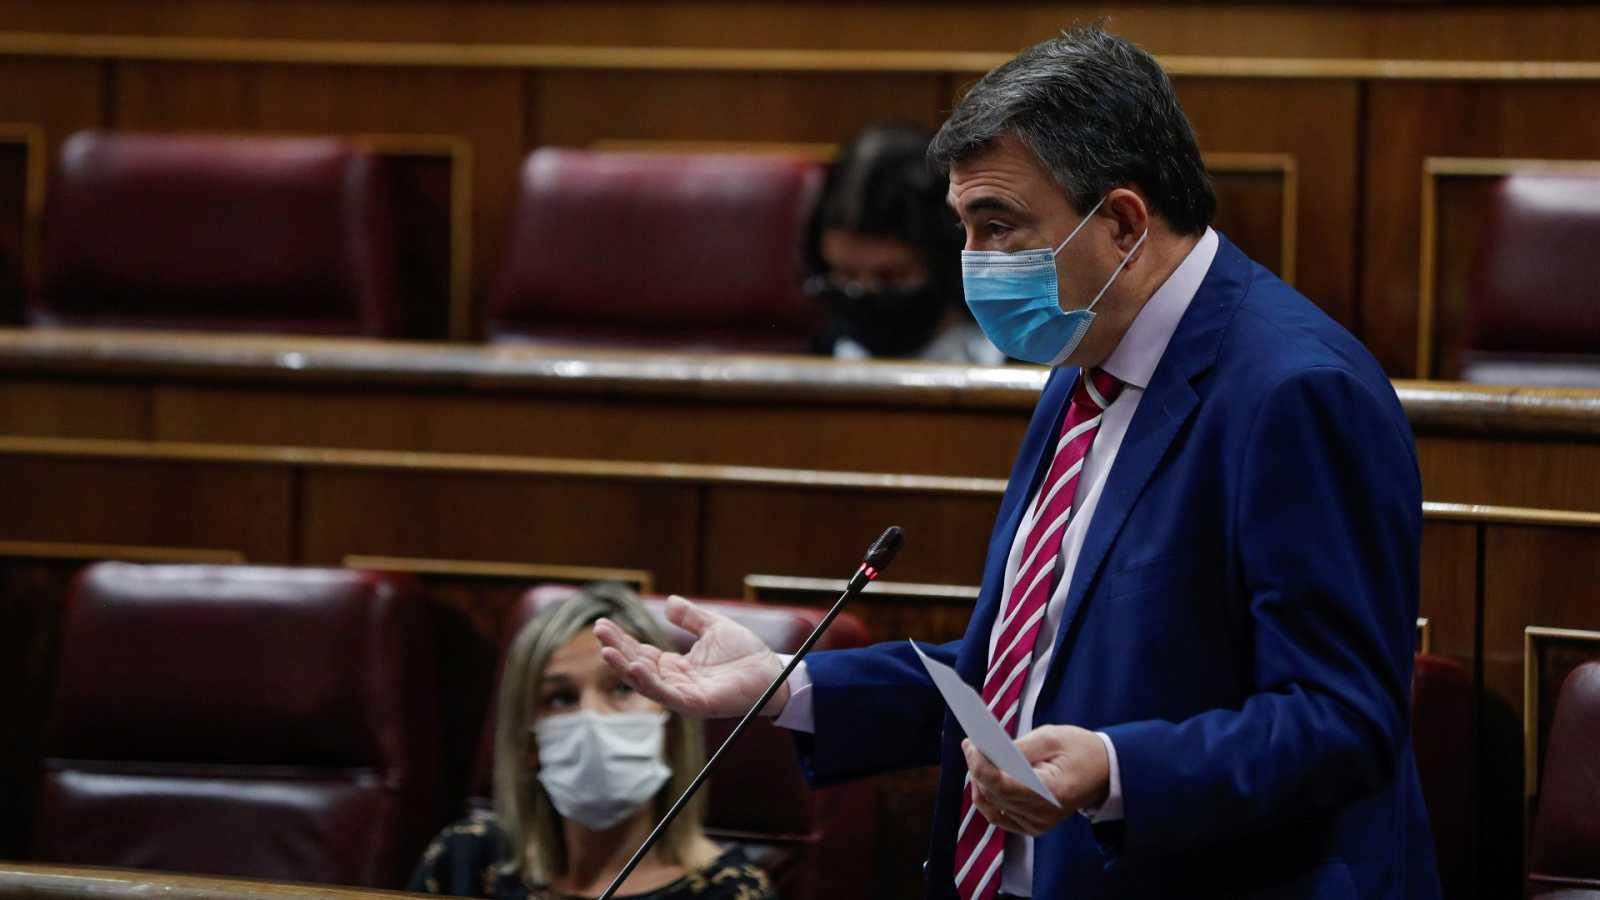 El PNV anuncia que votará a favor de los Presupuestos tras llegar a un acuerdo con el Gobierno